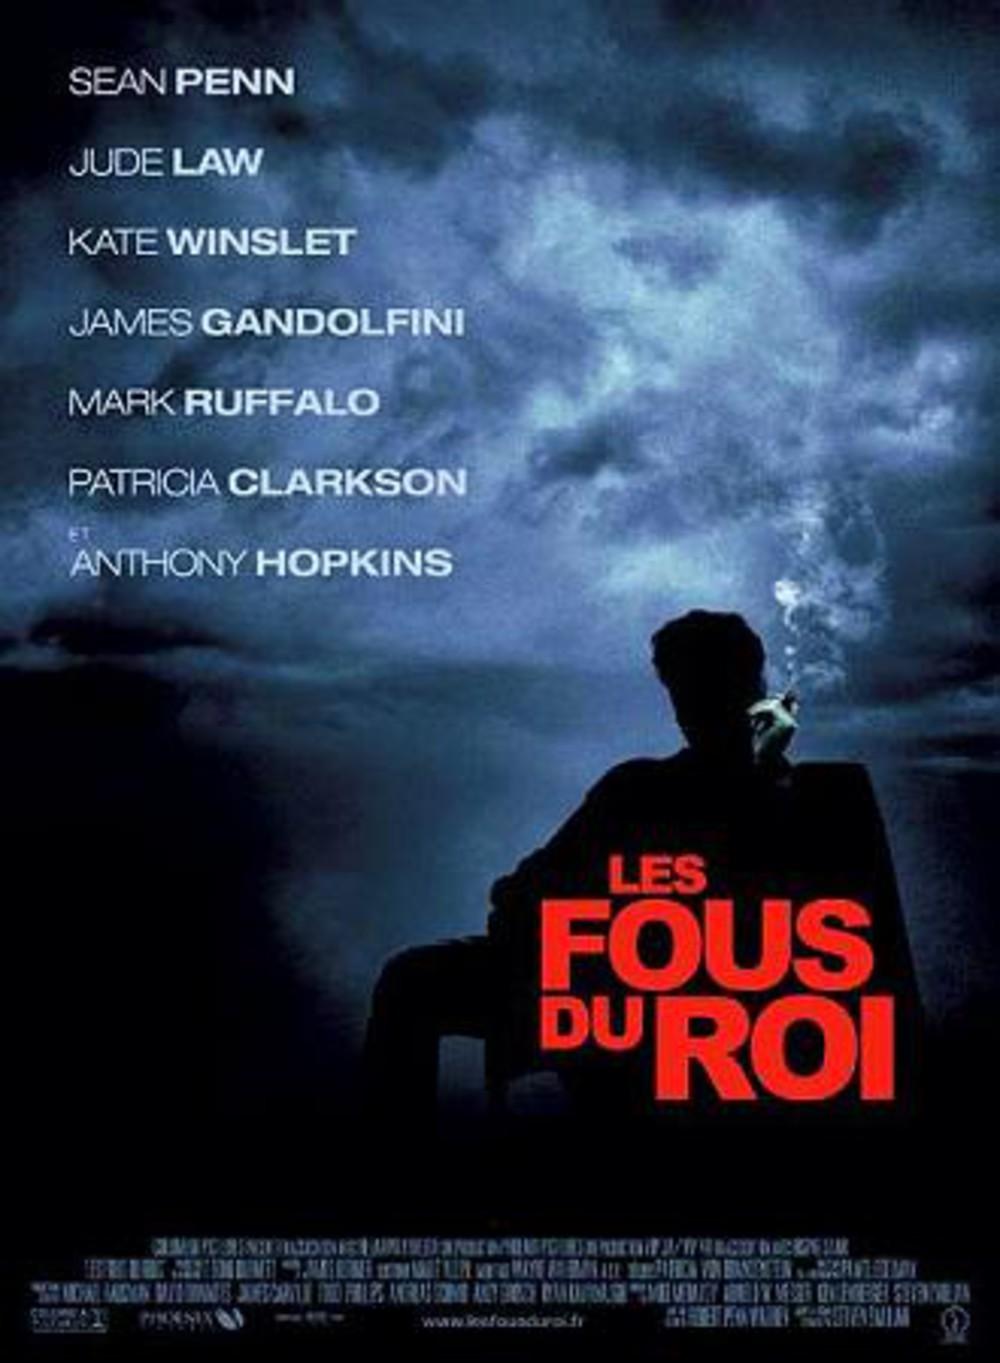 affiche du film Les fous du roi (2006)